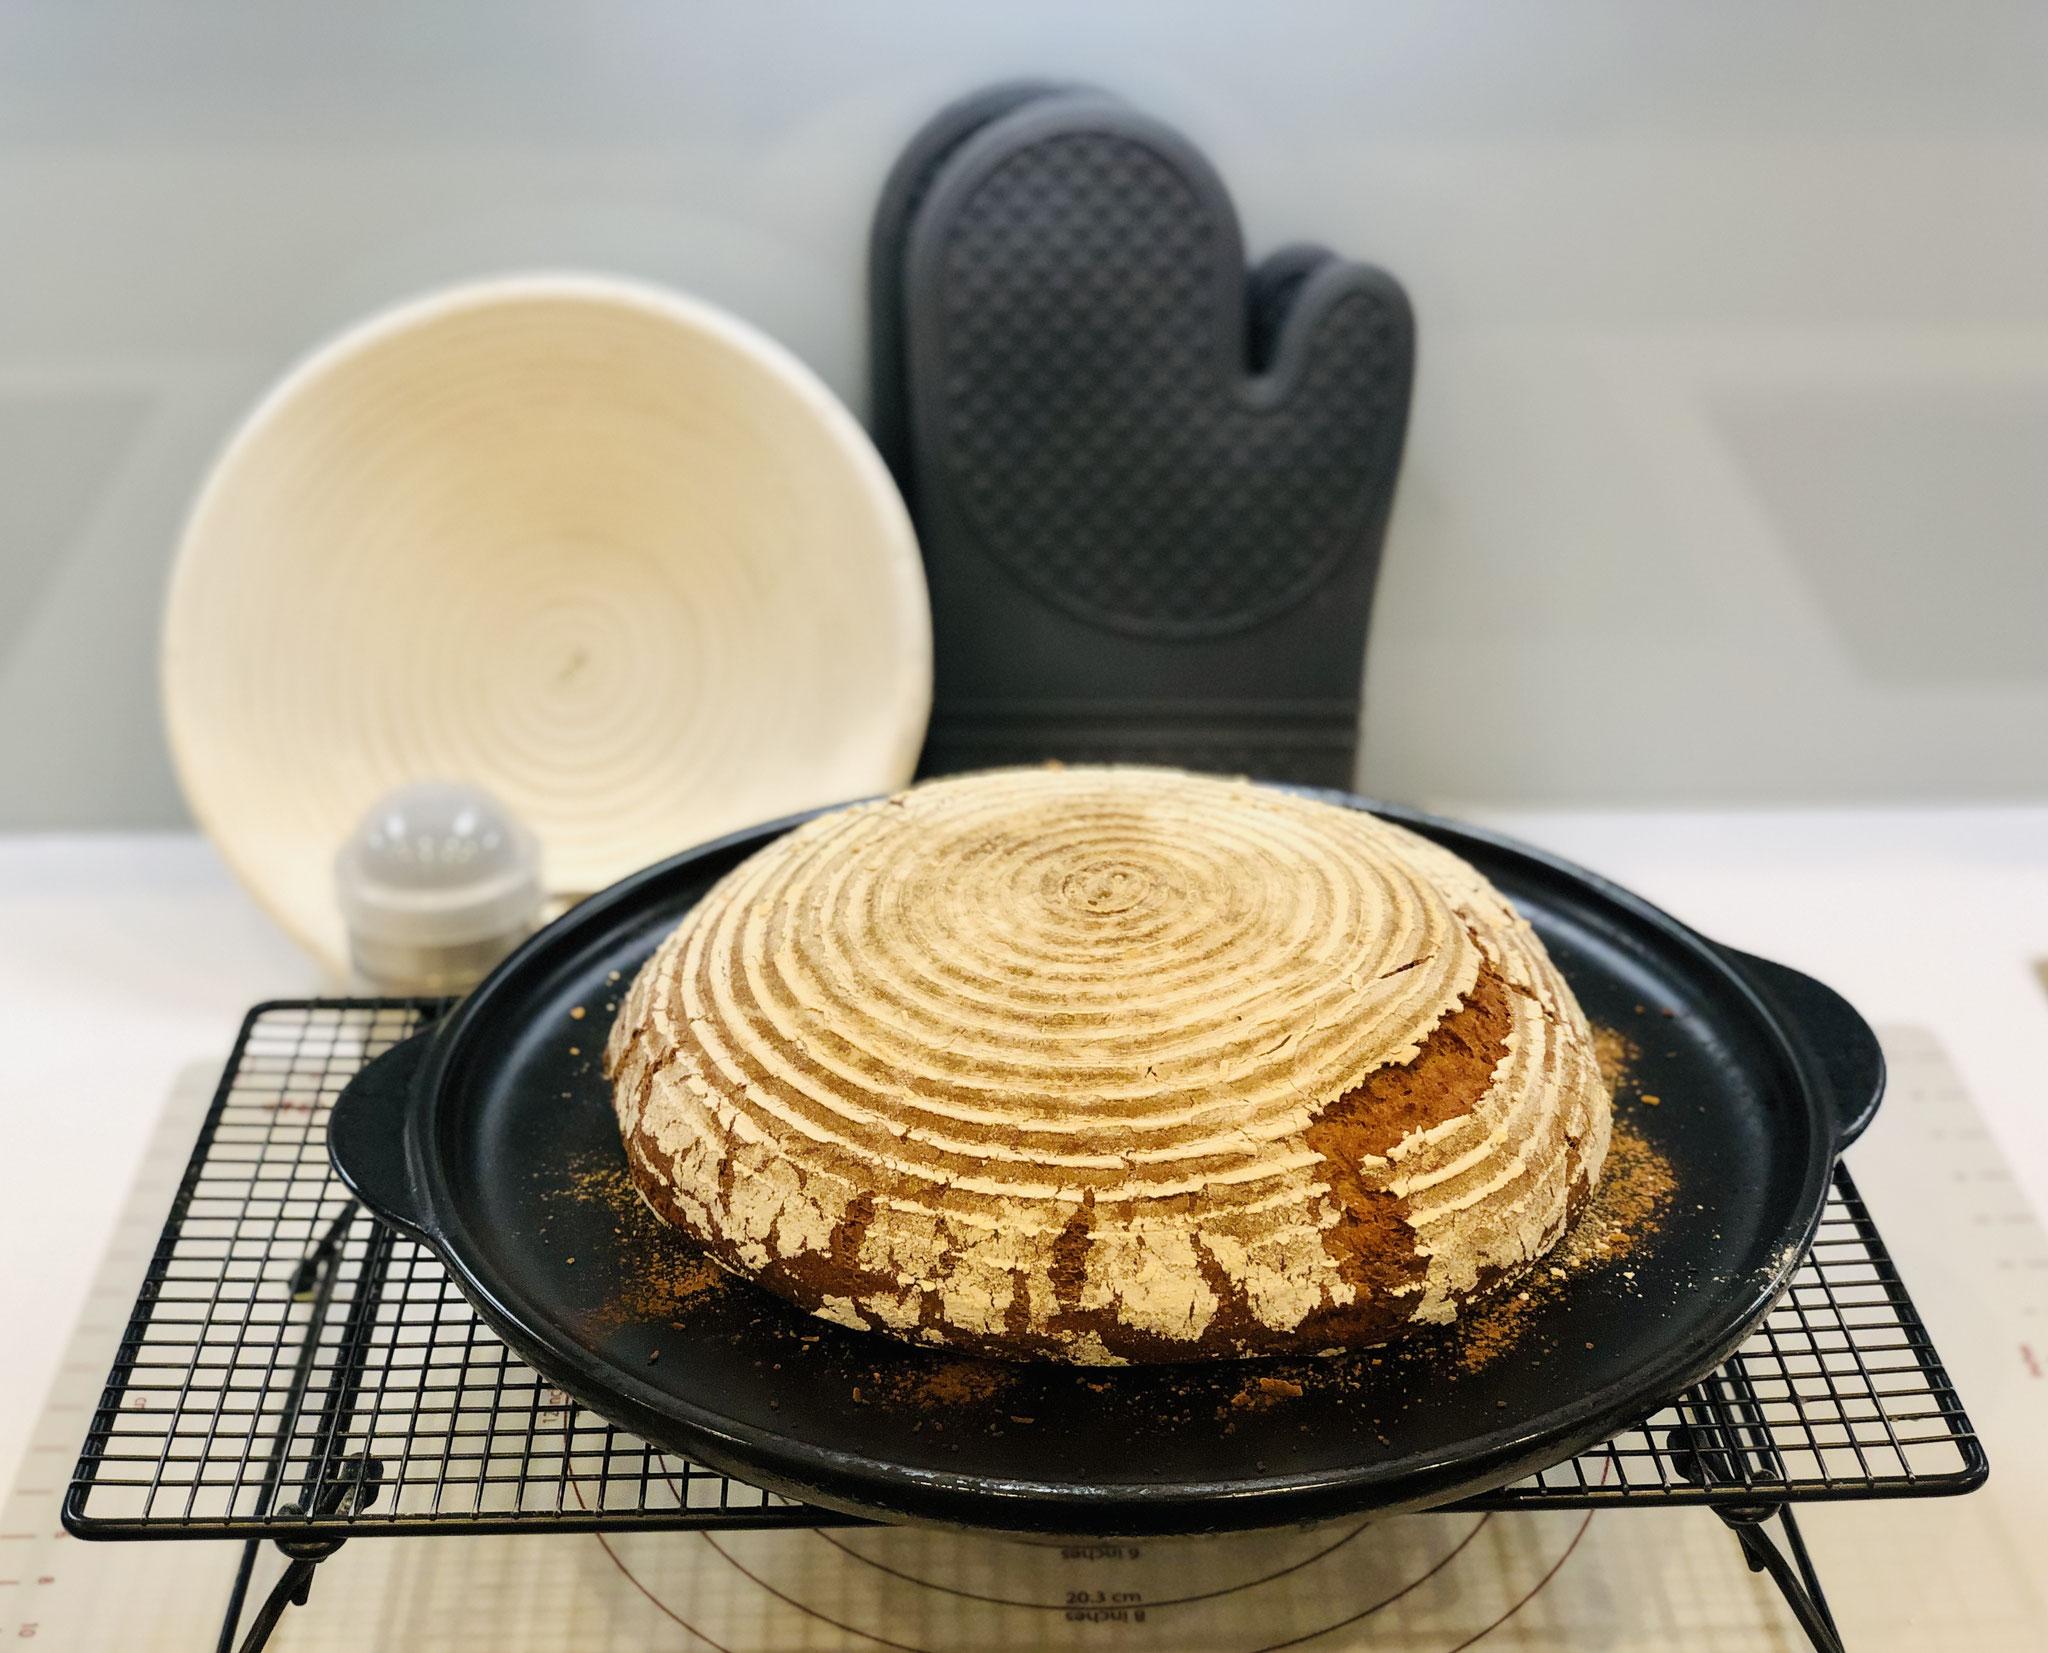 Schau dir dieses wunderschöne Brot an das ich im Backofen auf dem Grillstein gebacken habe.... Du kannst dieses Rezept aber auch für den Ofenmeister oder der White Lady anwenden.